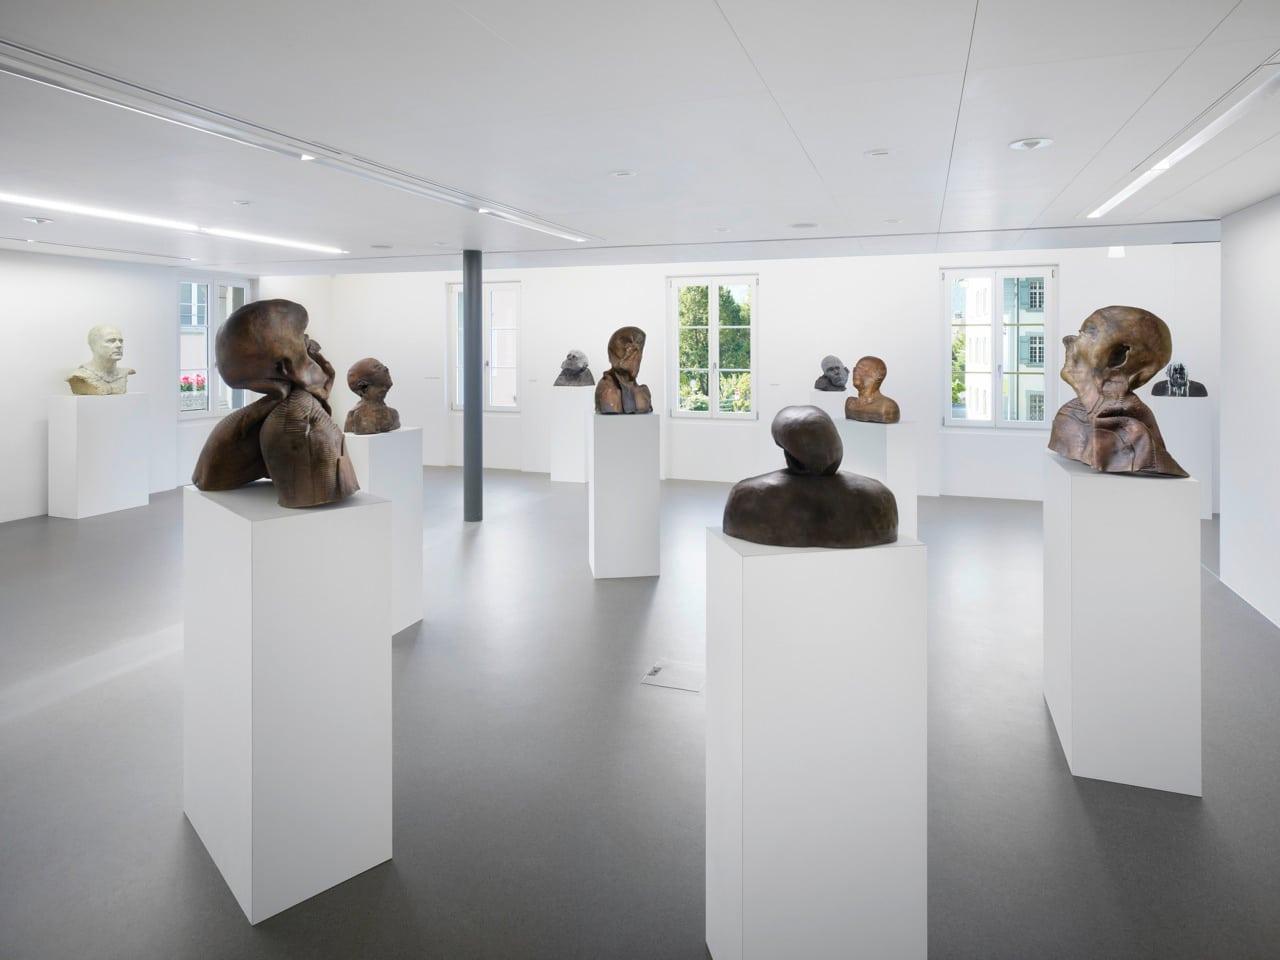 Uwe_Karlsen_Gruppe_Innen_Haus_fuer_Kunst_Uri.jpeg